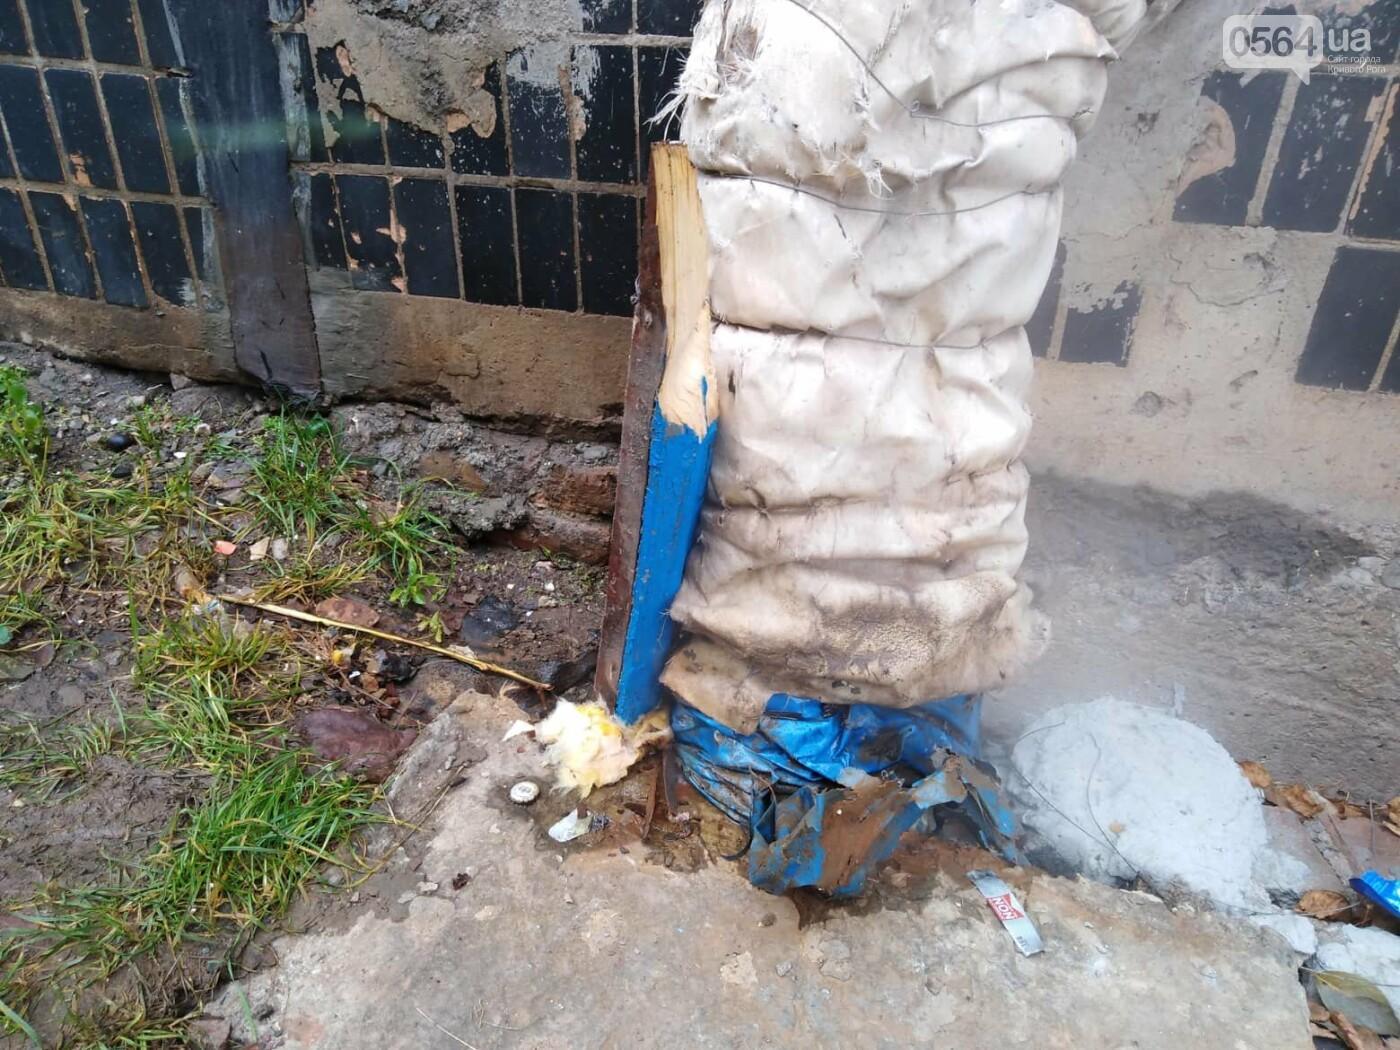 Не дождавшись тепловиков, криворожане принялись ликвидировать аварию на теплосети подручными средствами, - ФОТО, фото-6